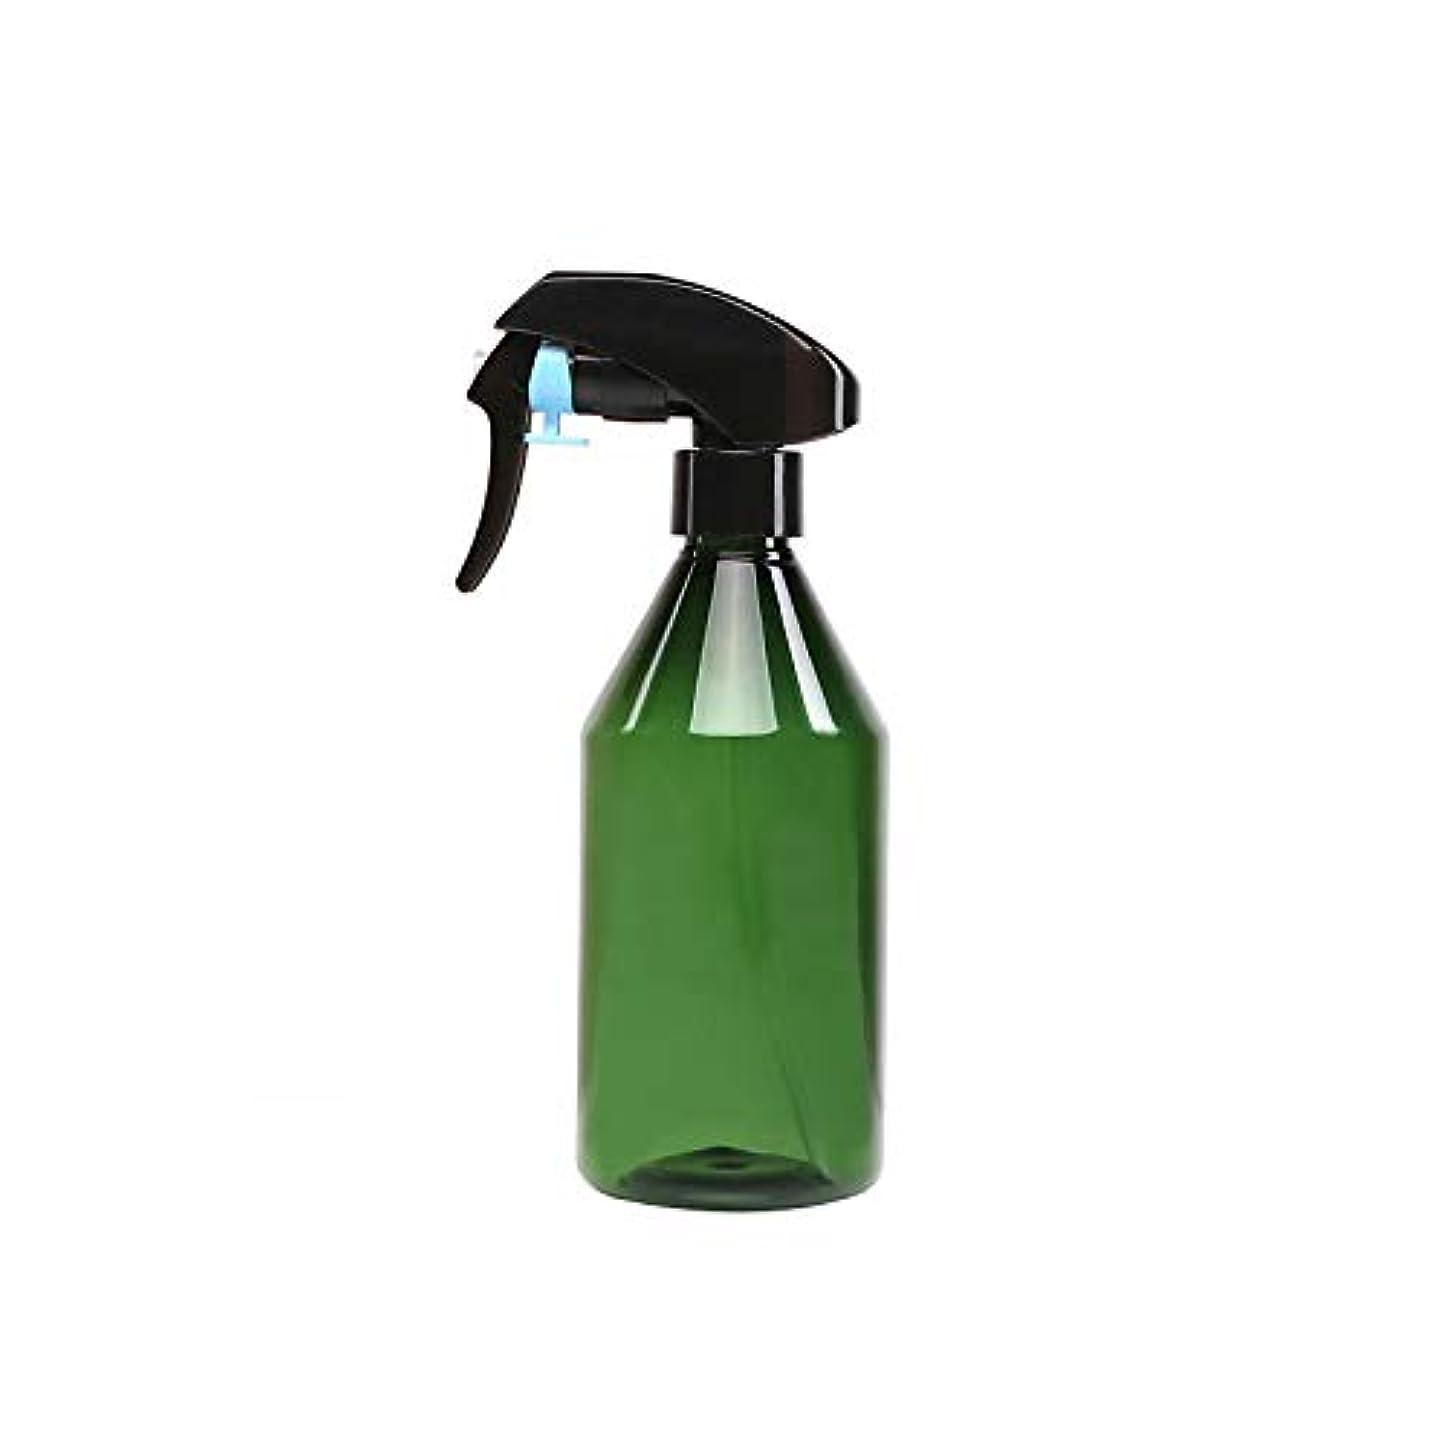 300ミリリットルプラスチック空のスプレーボトル/スーパーファインミストトリガースプレー/詰め替え式スプレーコンテナ(グリーン)